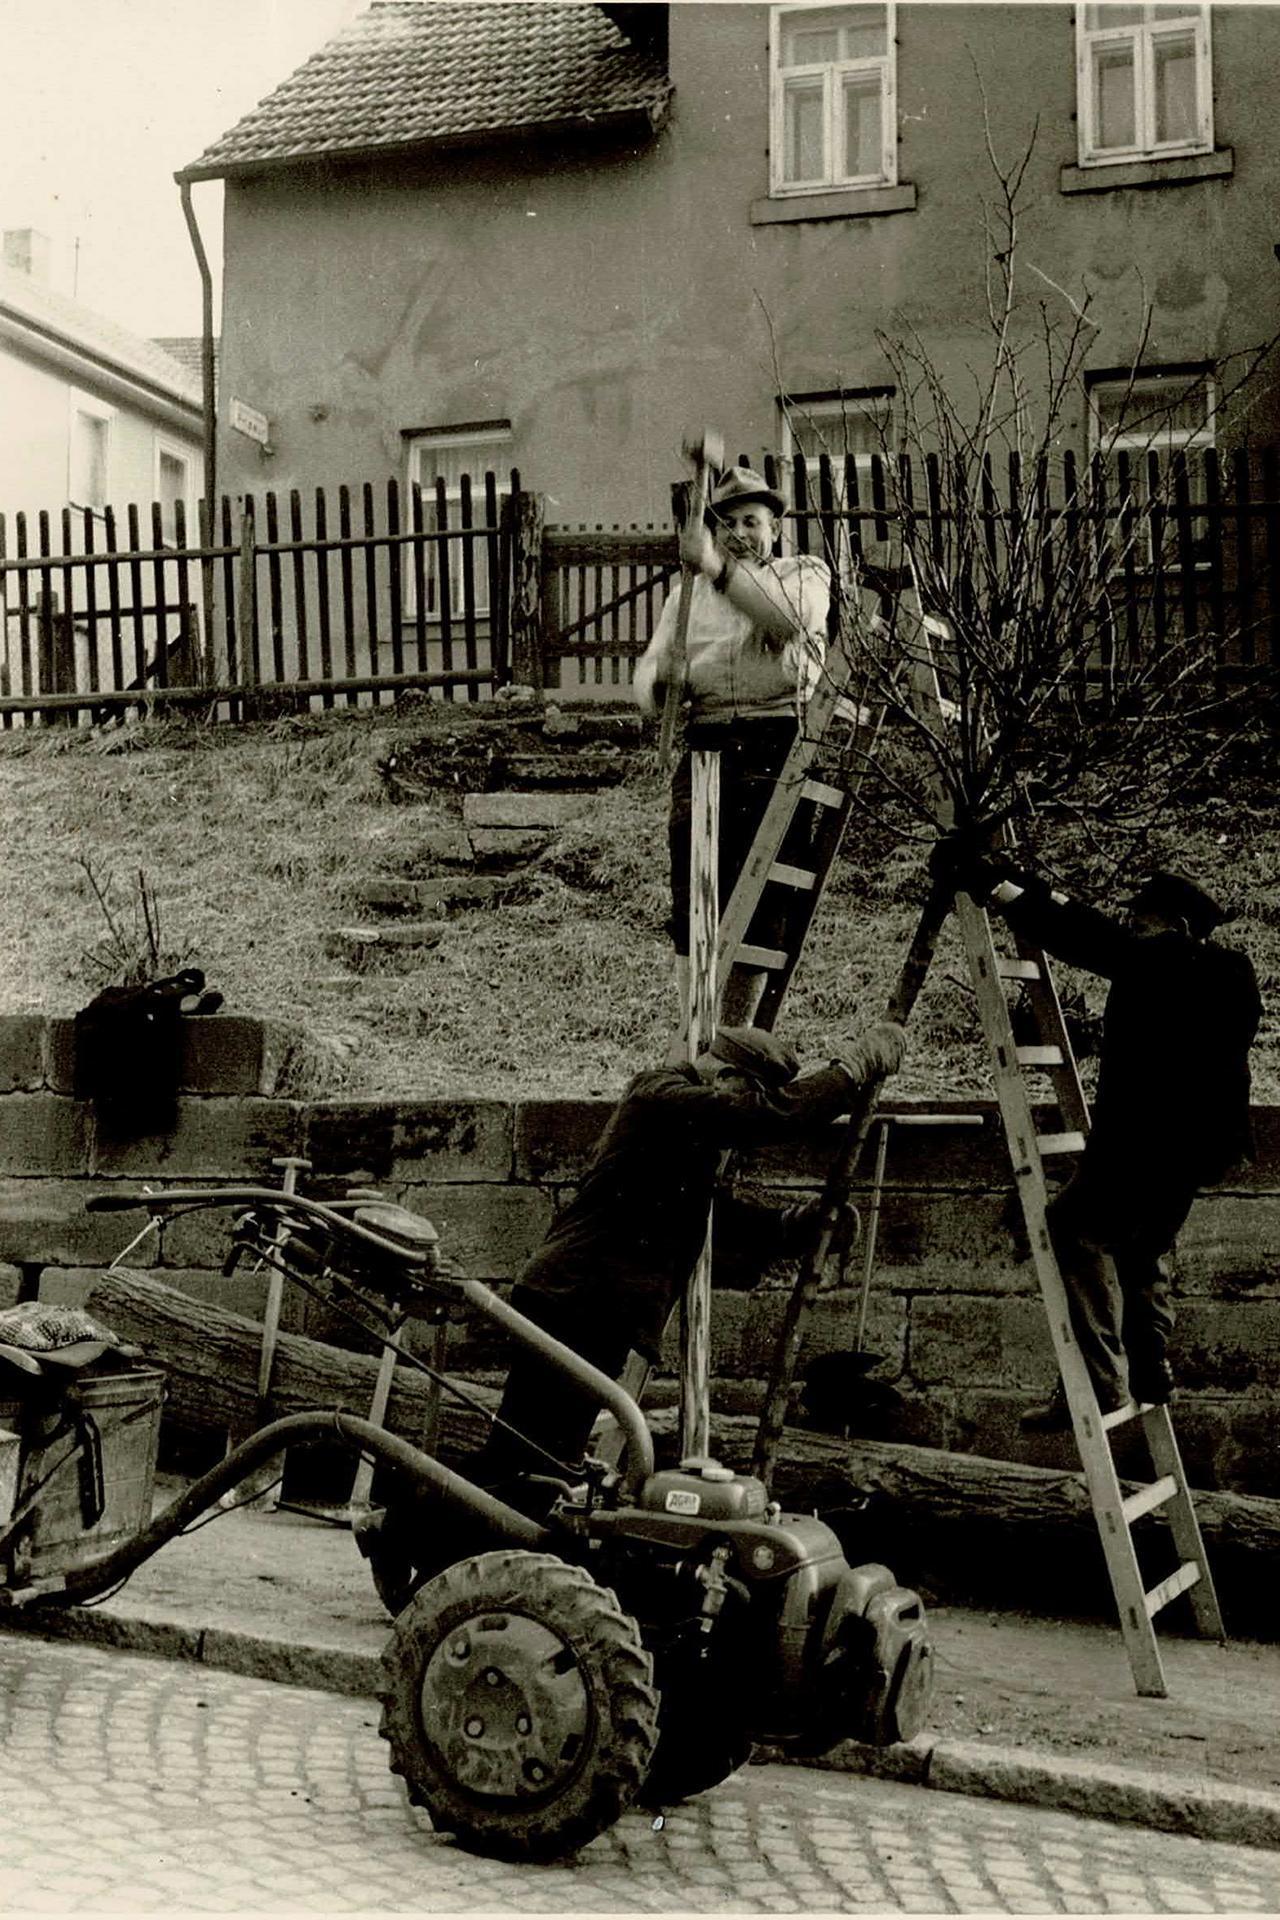 1963: Norbert Rauch gemeinsam mit seinen drei Aushilfkräften bei der Neupflanzung von Hochstämmen an der Langheimer Straße in Lichtenfels.